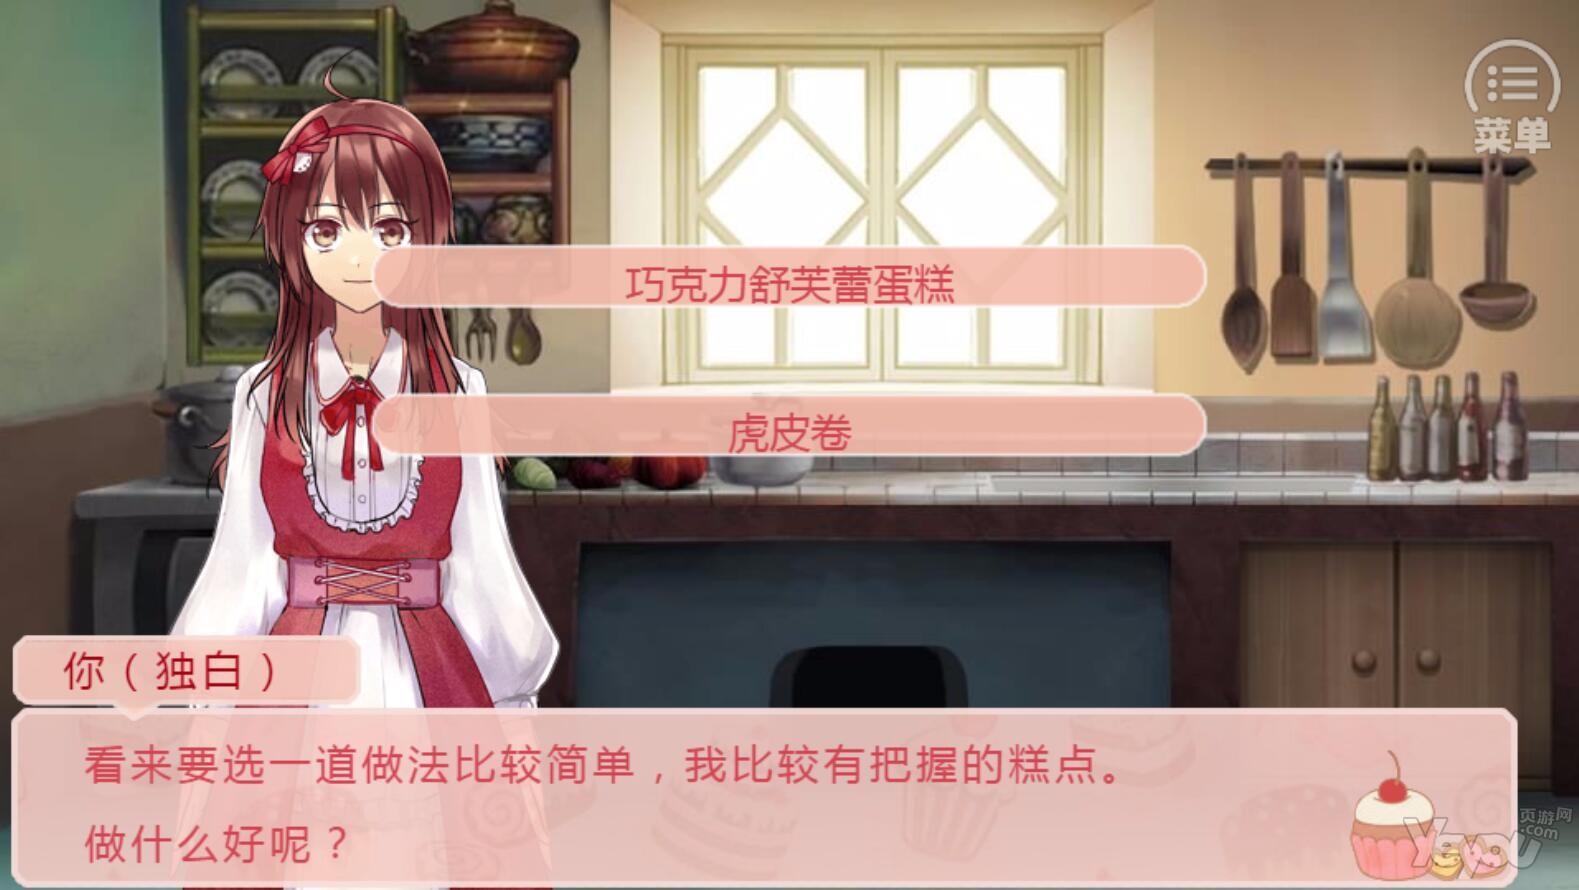 《甜点恋人》游戏截图